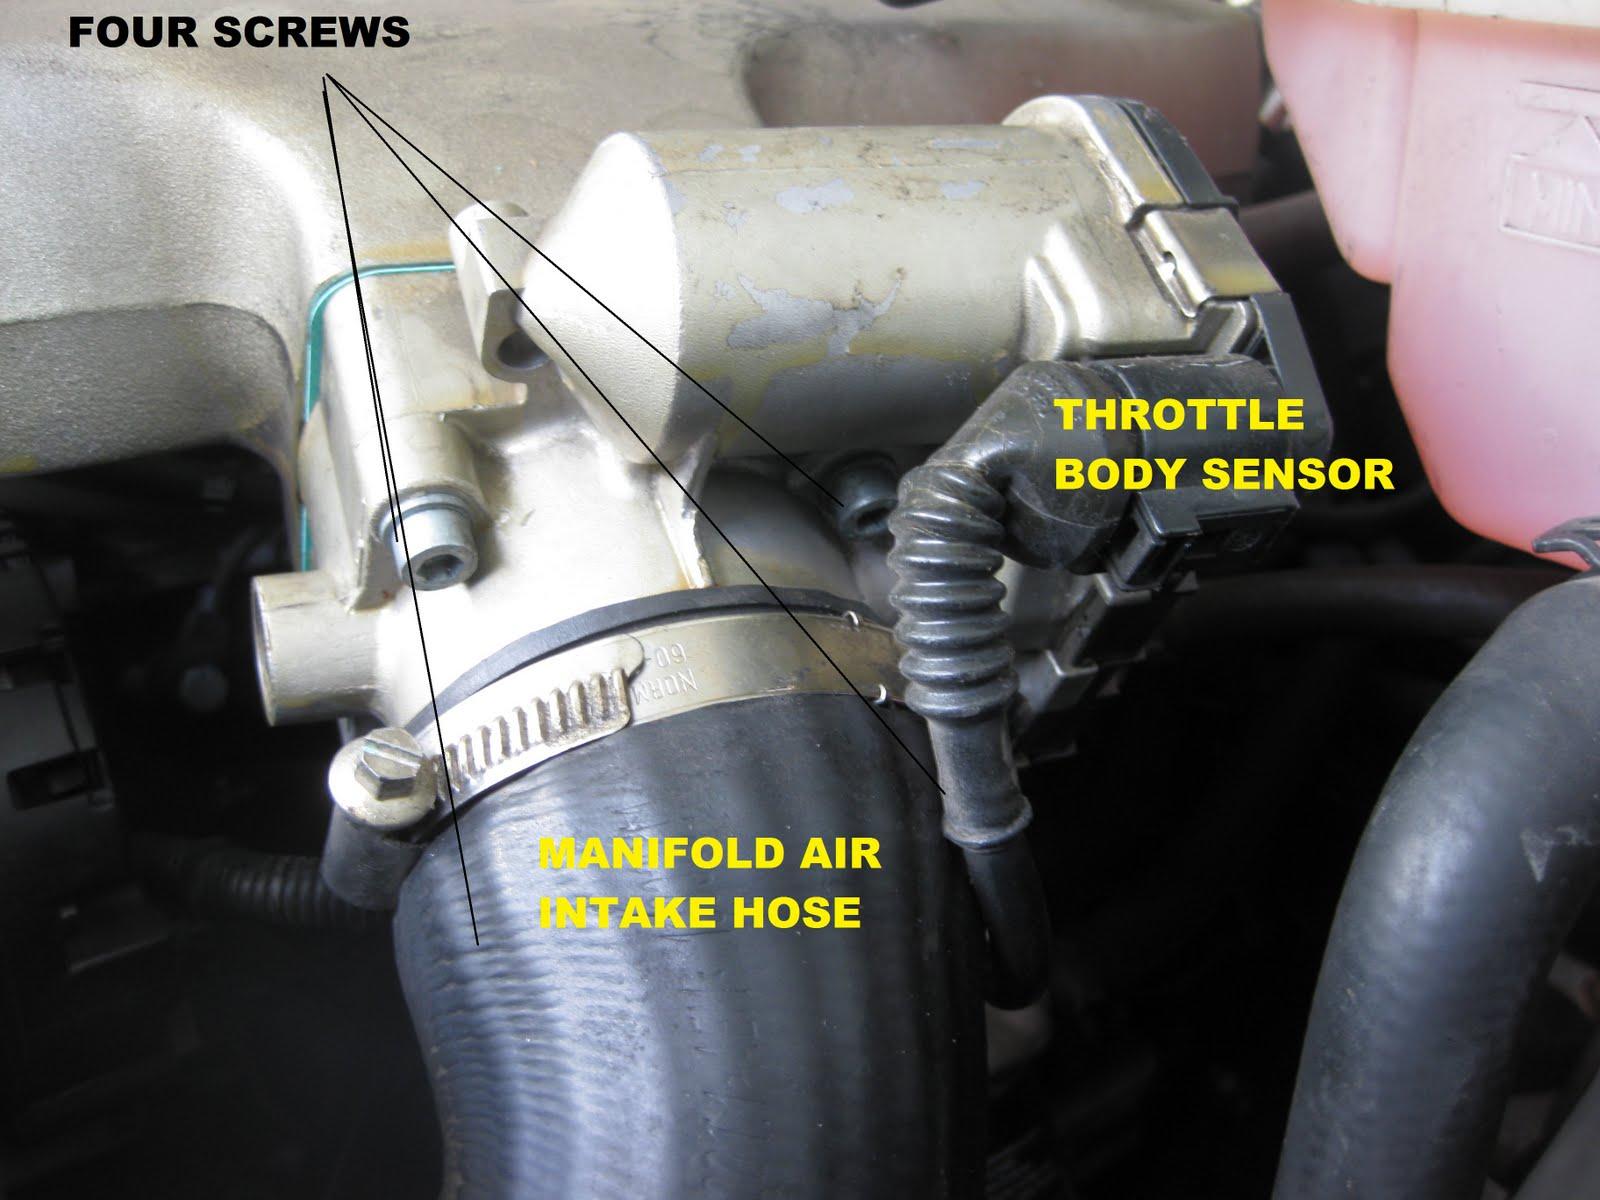 For 2001 A4 2001 A4 Quattro 2000-2005 Passat 1.8L L4 Engine Coolant Hose New